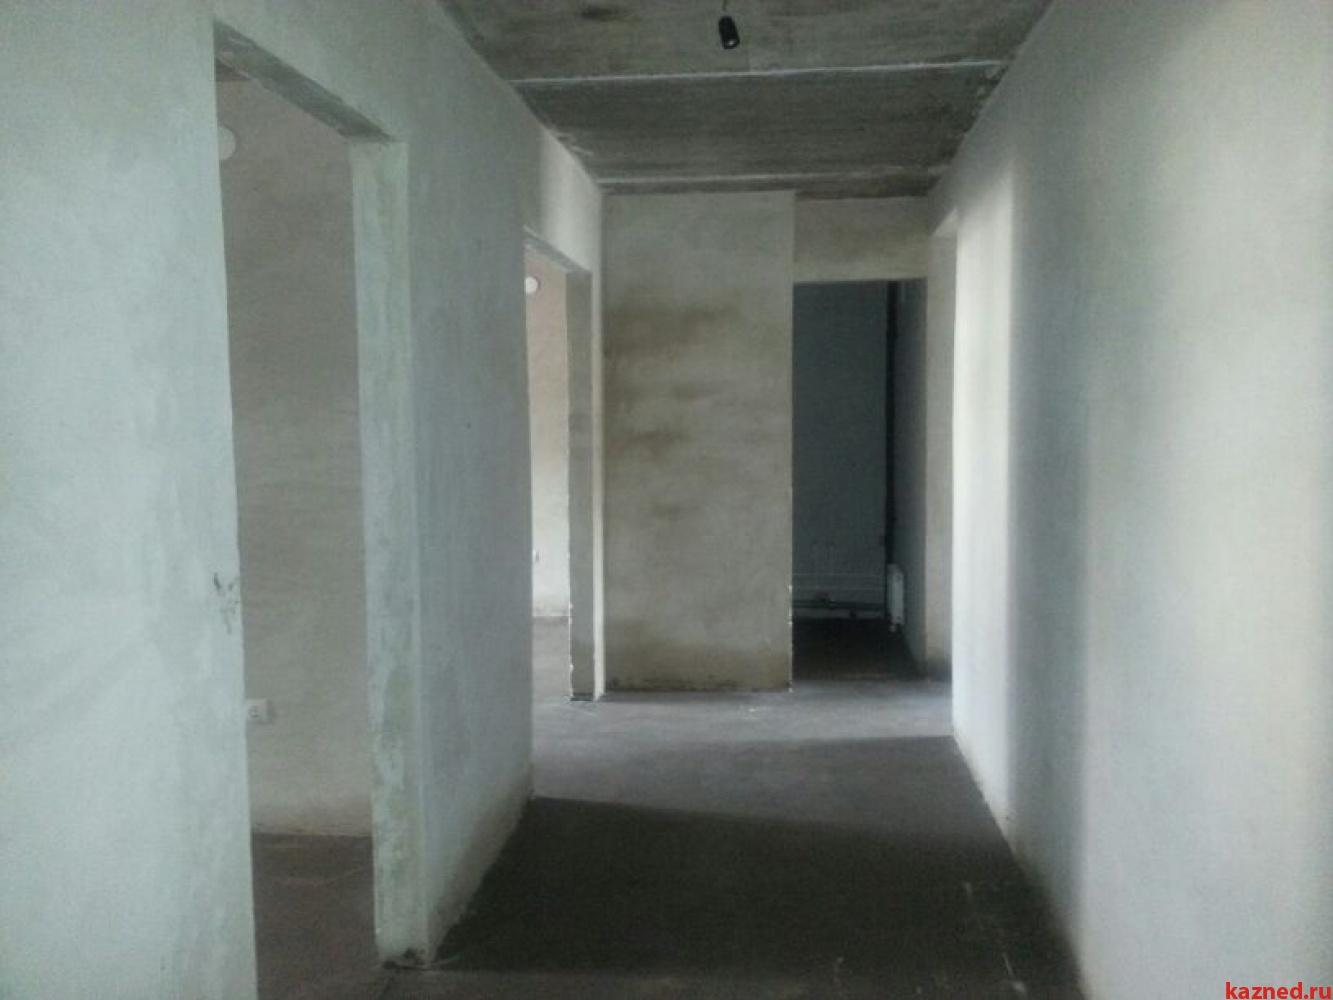 2-комнатная квартира ул. Гоголя, г. Зеленодольск (миниатюра №4)